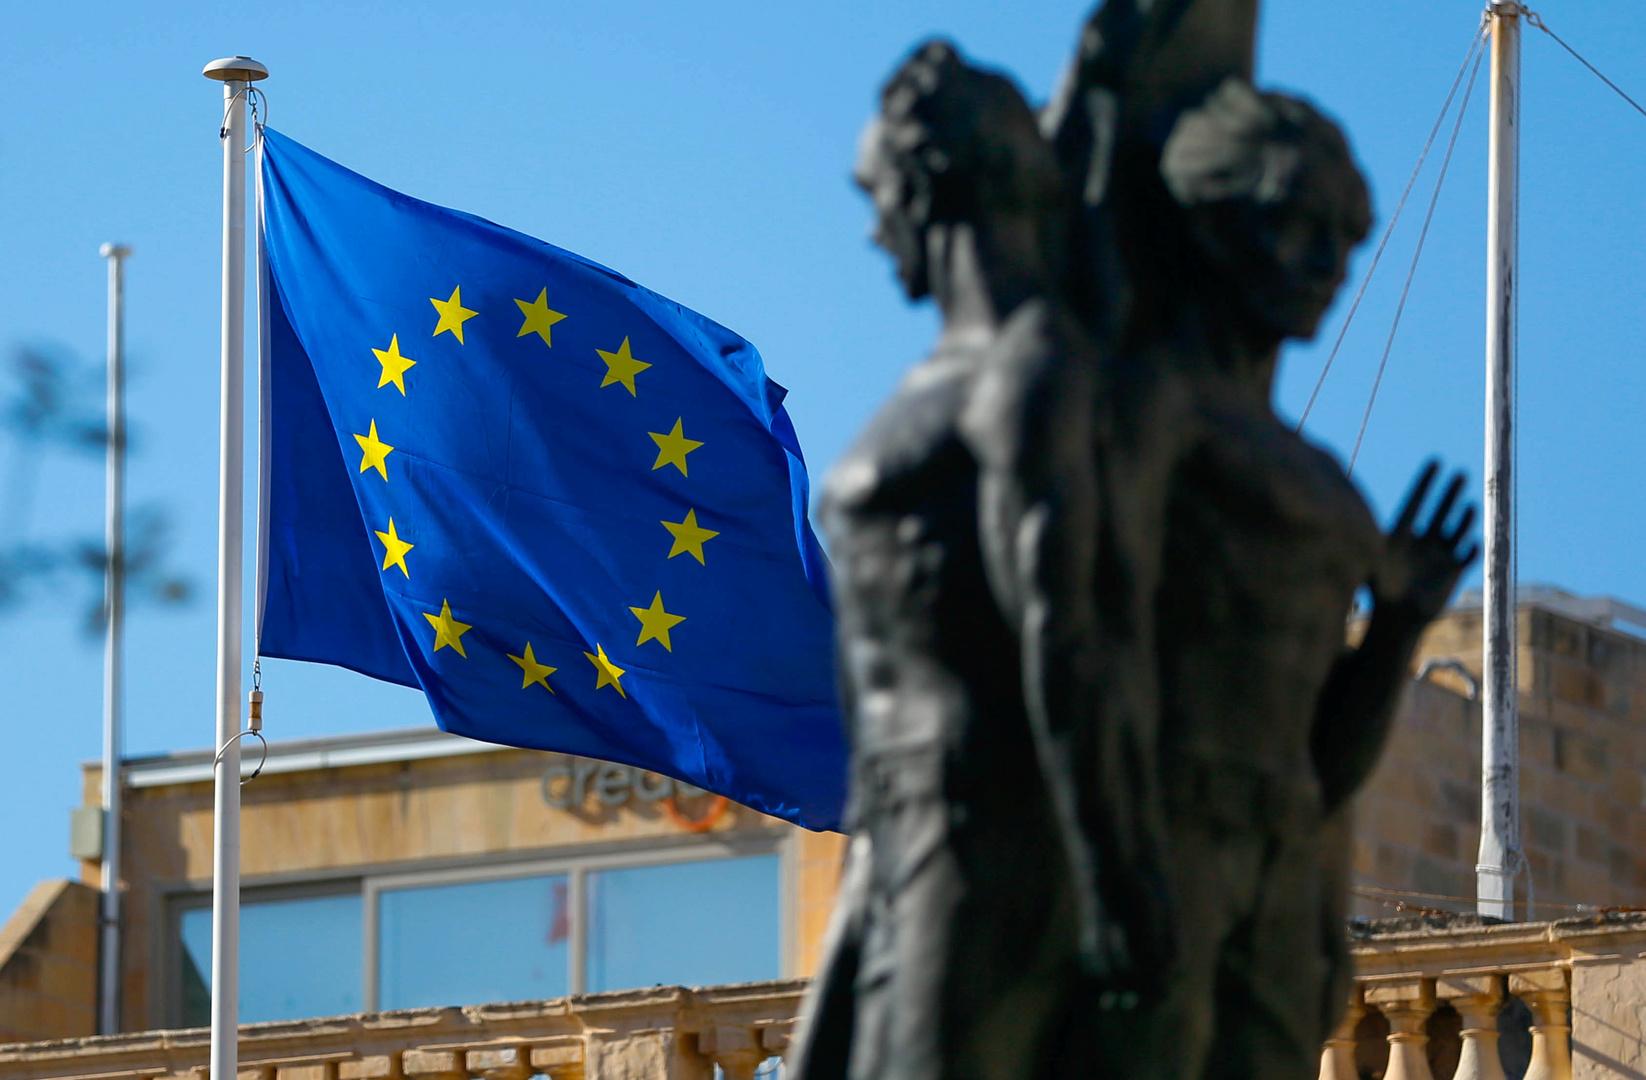 الاتحاد الأوروبي يعين الإيطالية ناتالينا تشيا على رأس بعثته